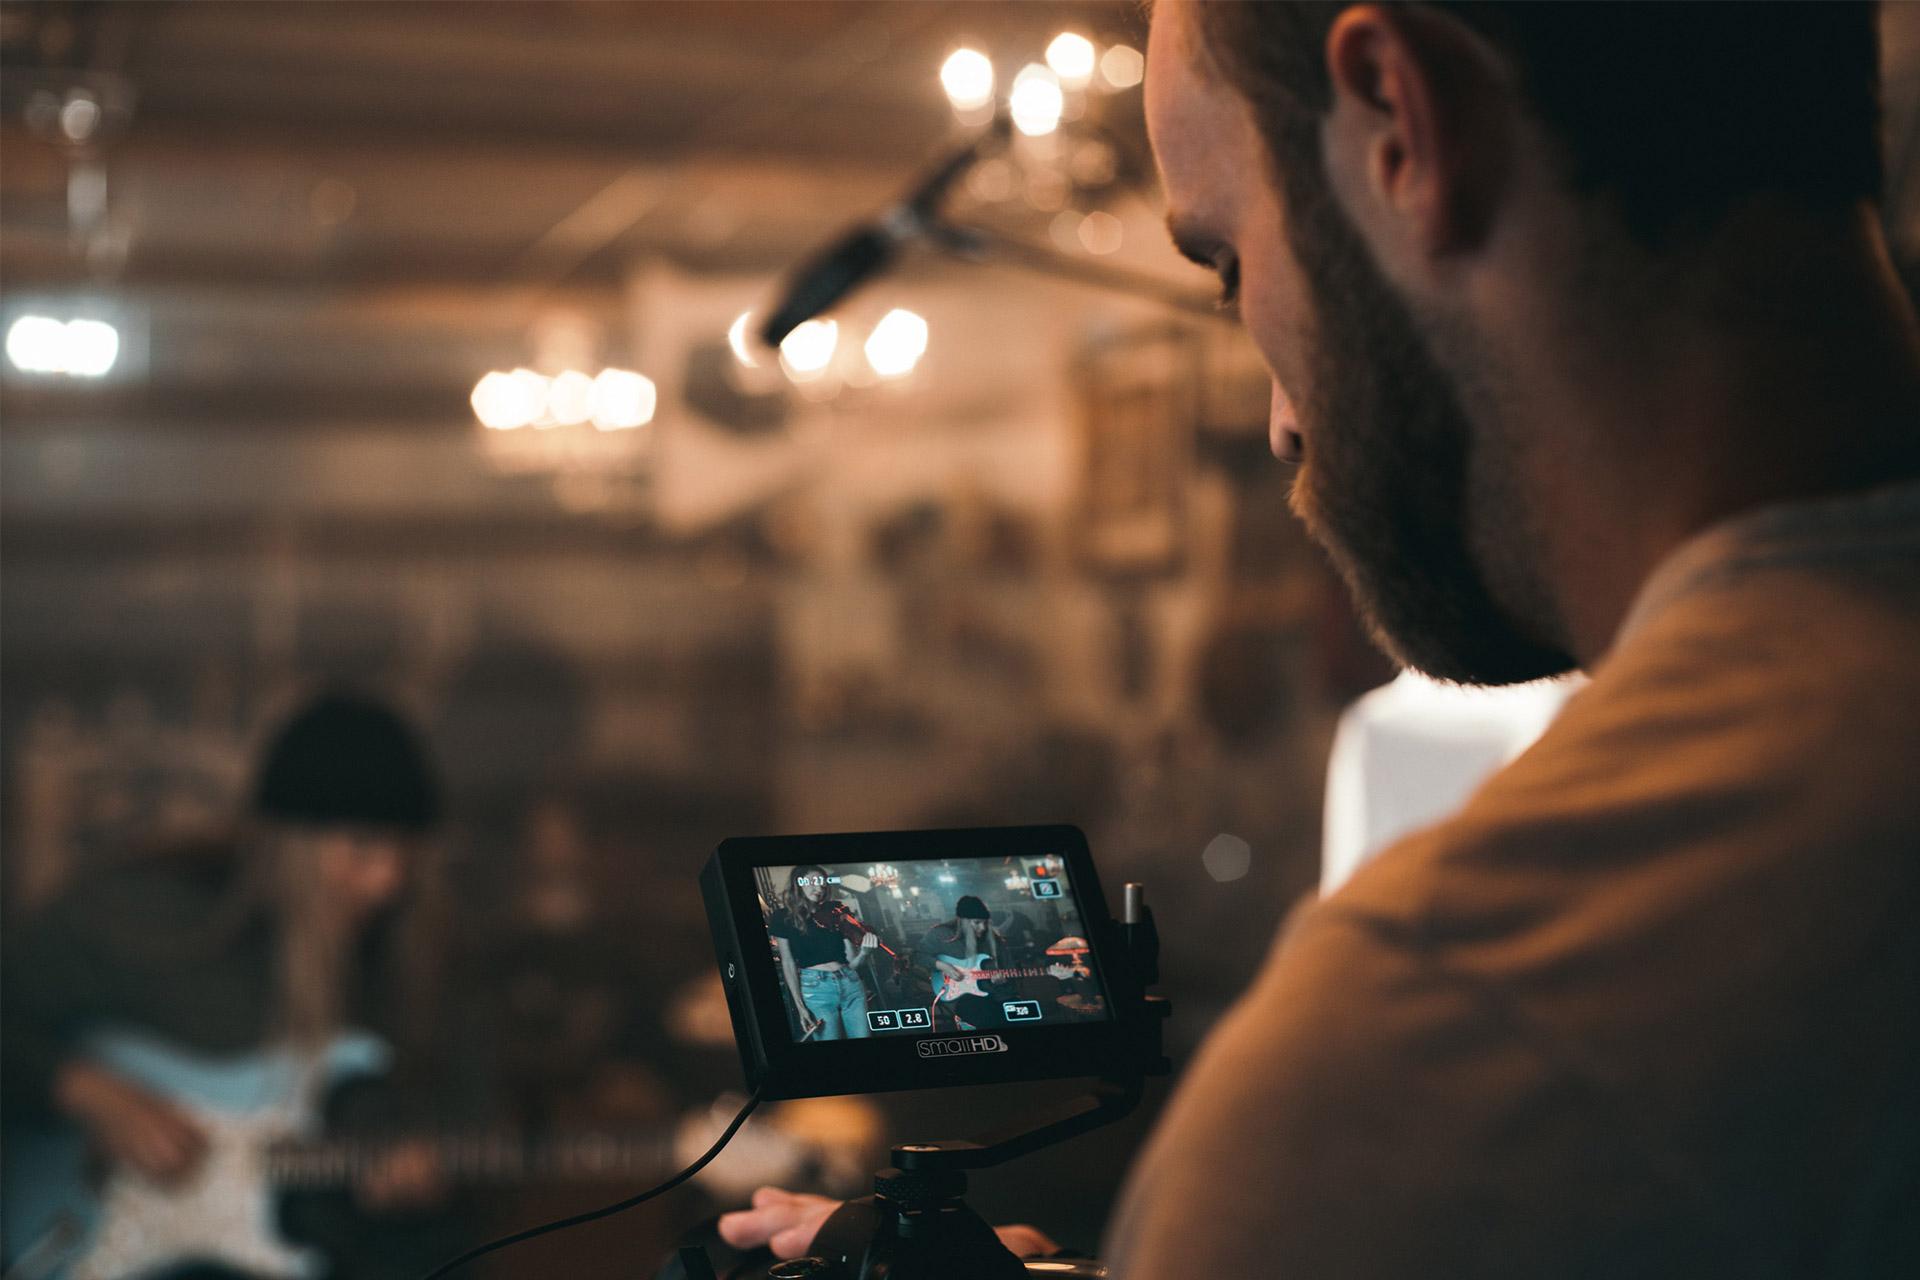 A person recording a music video which will require compression